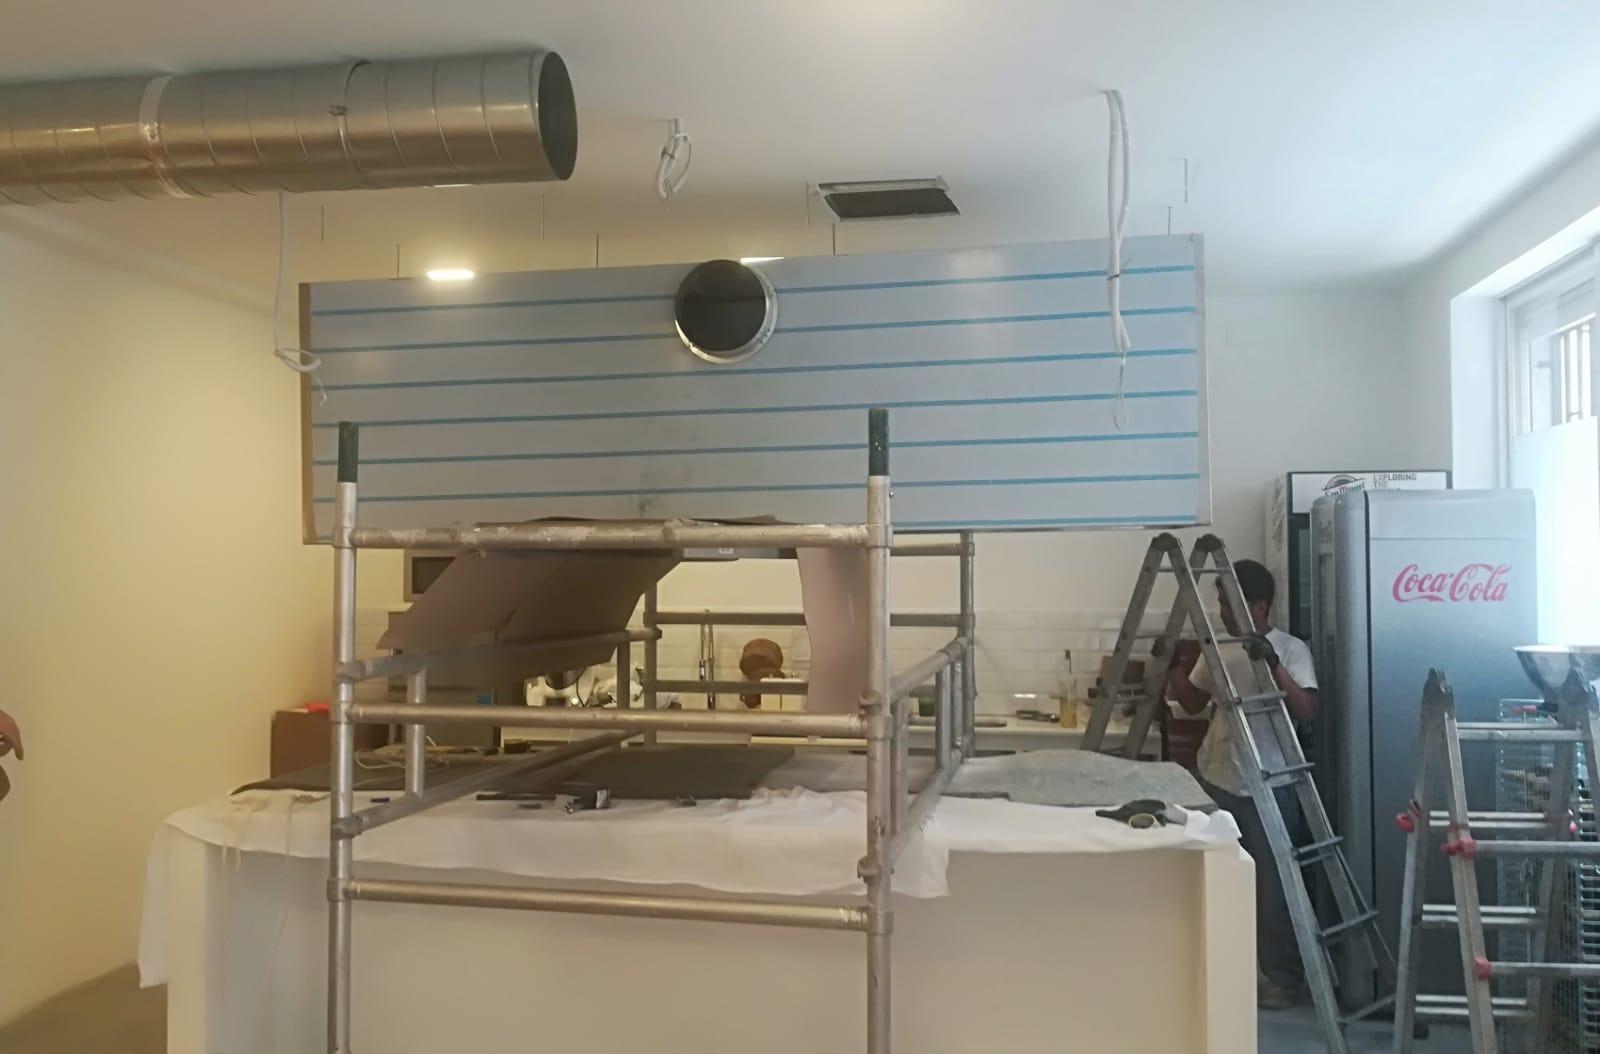 Campana y tubos en montaje de isla para cocina industrial - Salida de humos cocina normativa ...